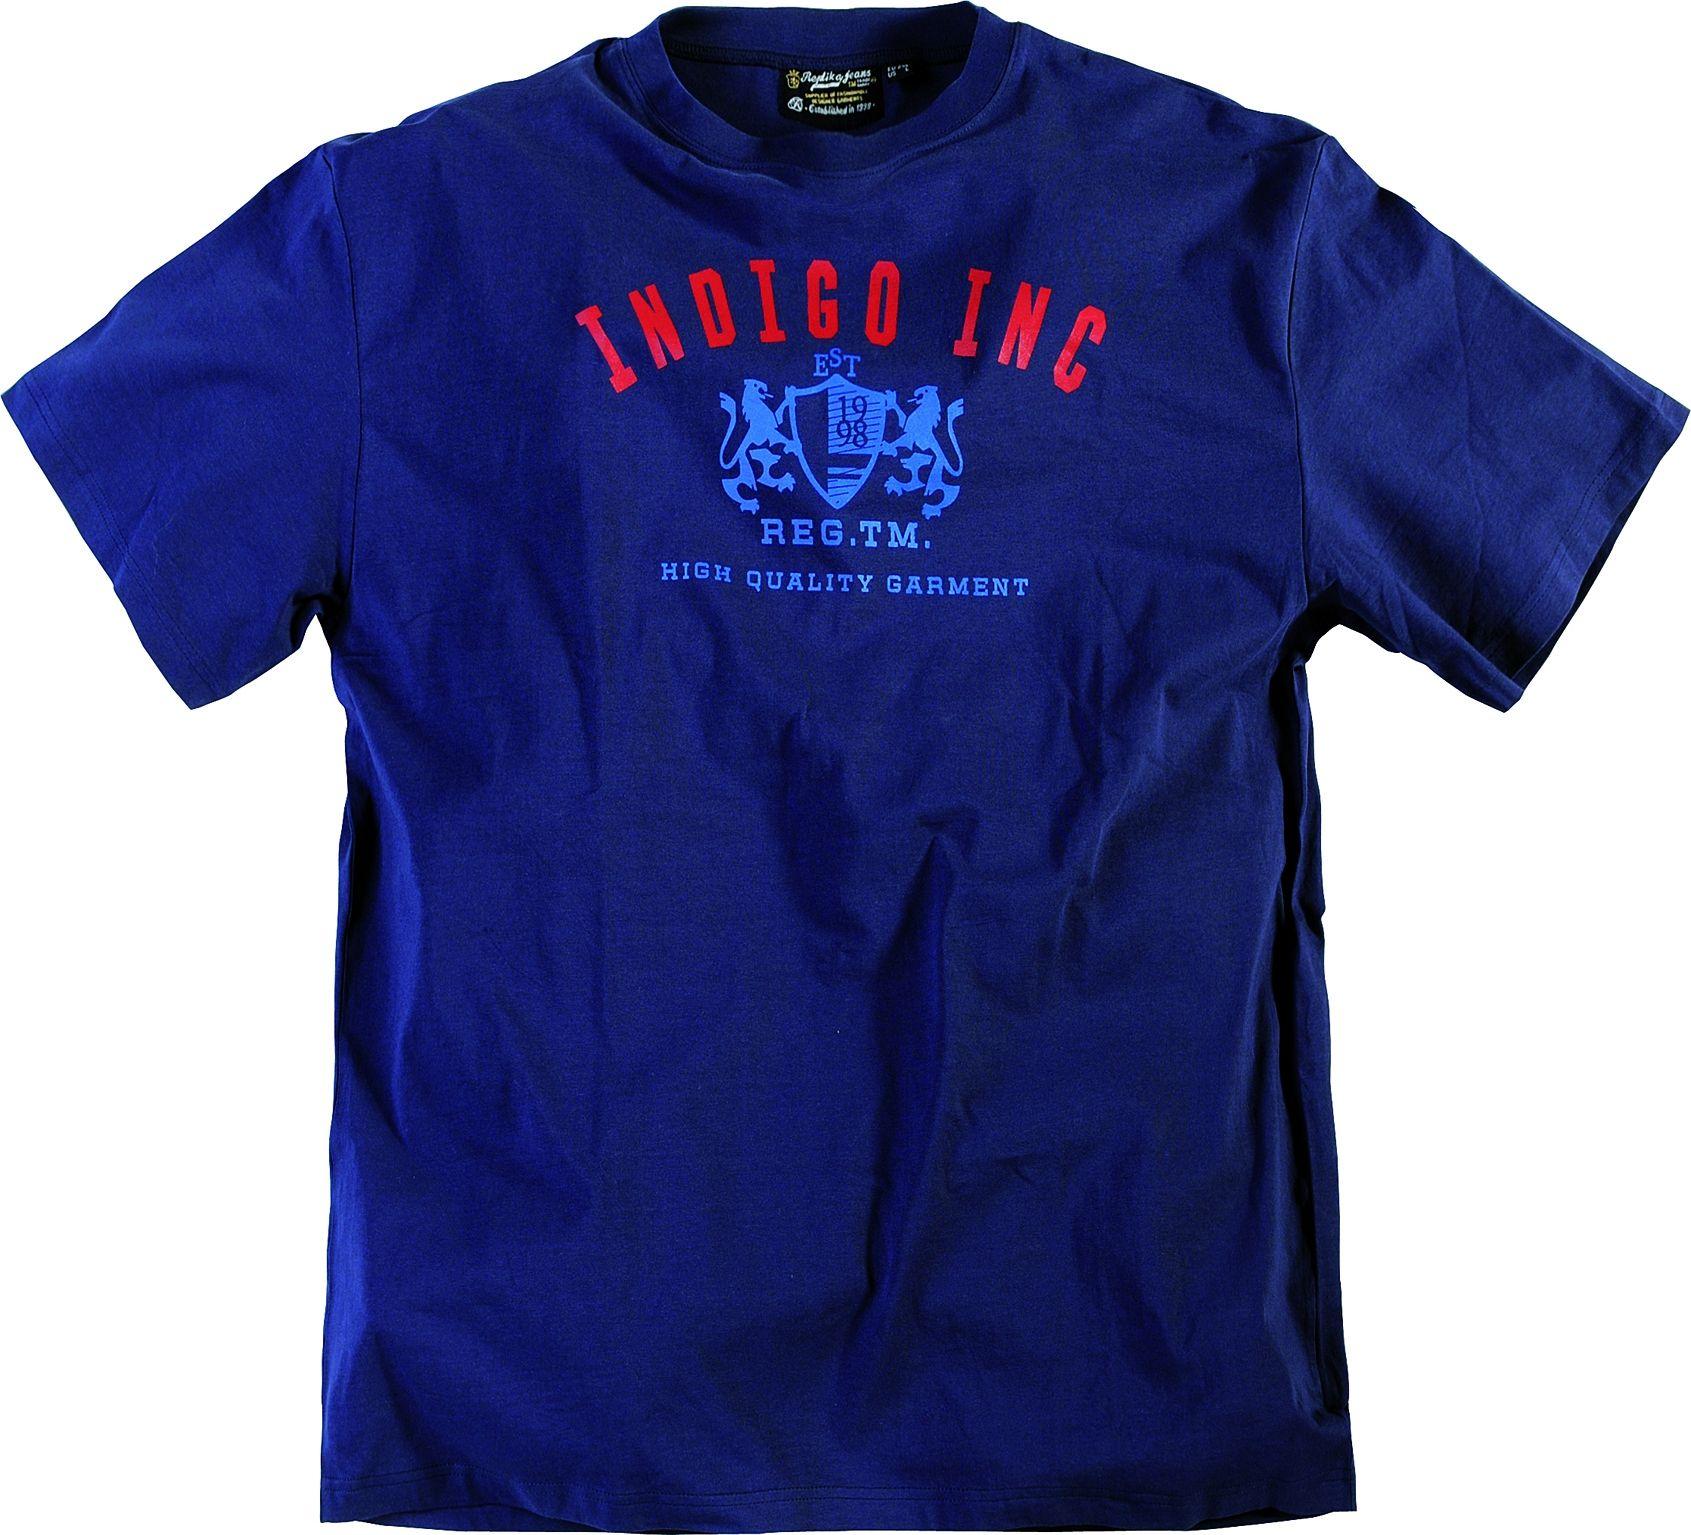 Tee-shirt allsize composé de Coton 100% Très beau coloris bleu marine avec  imprimé 26a33b98c2d4